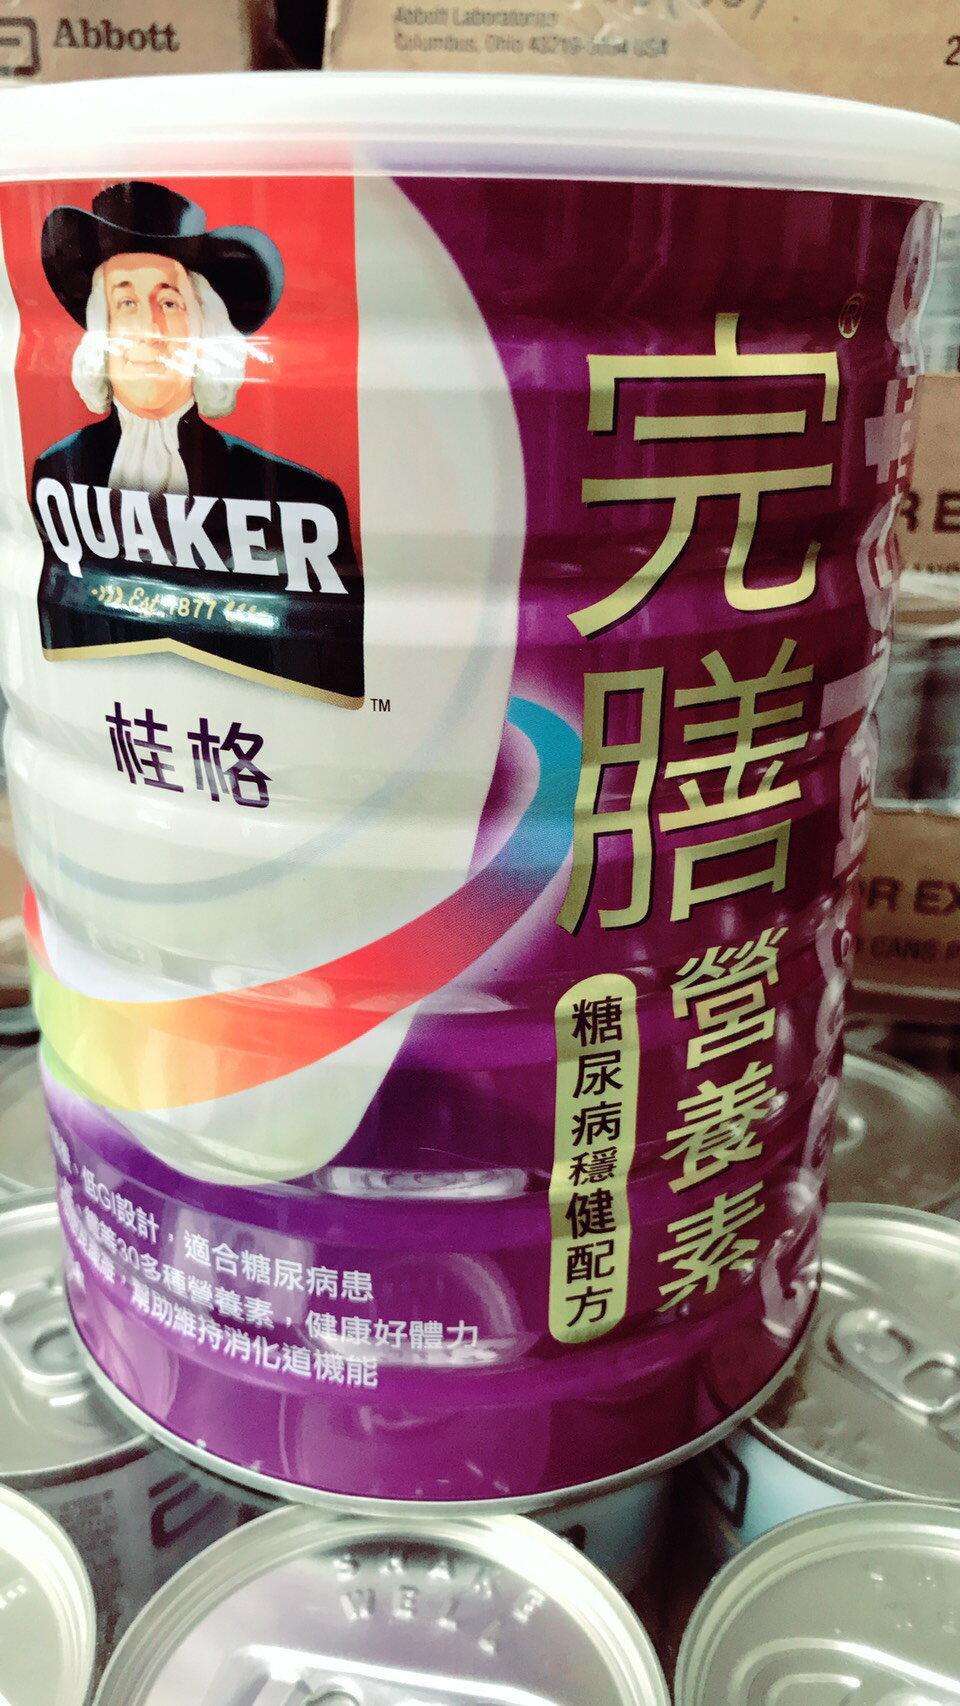 永大醫療~桂格完膳營養素 糖尿病穩健配方每罐900g特惠價680元12罐免運